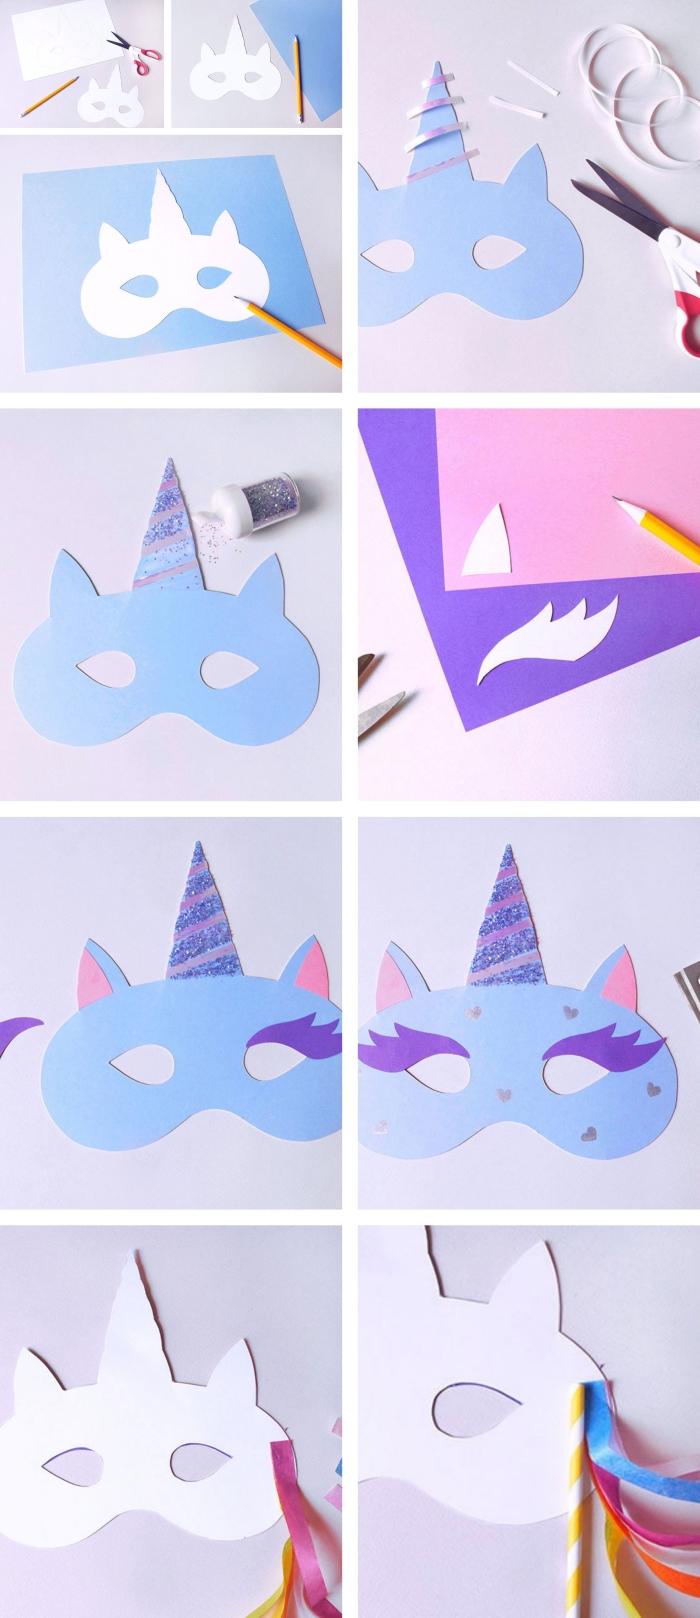 comment faire un masque de carnaval pour déguisement licorne, idée d'activité enfant 3 ans, modèle de masque visage en tête licorne